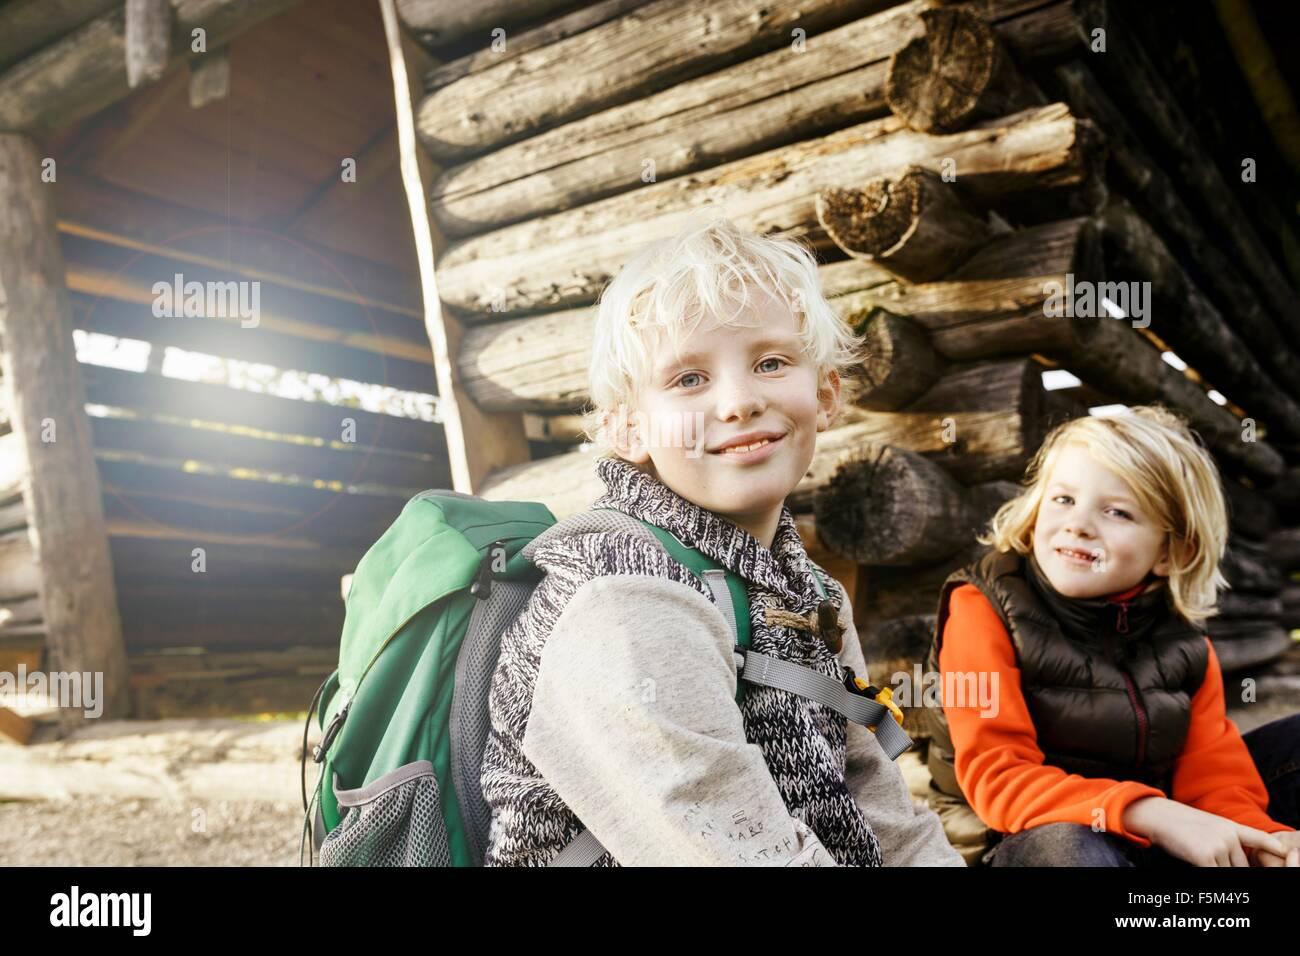 Capelli biondi fratello e sorella seduto fuori log cabin guardando sorridente della fotocamera Immagini Stock